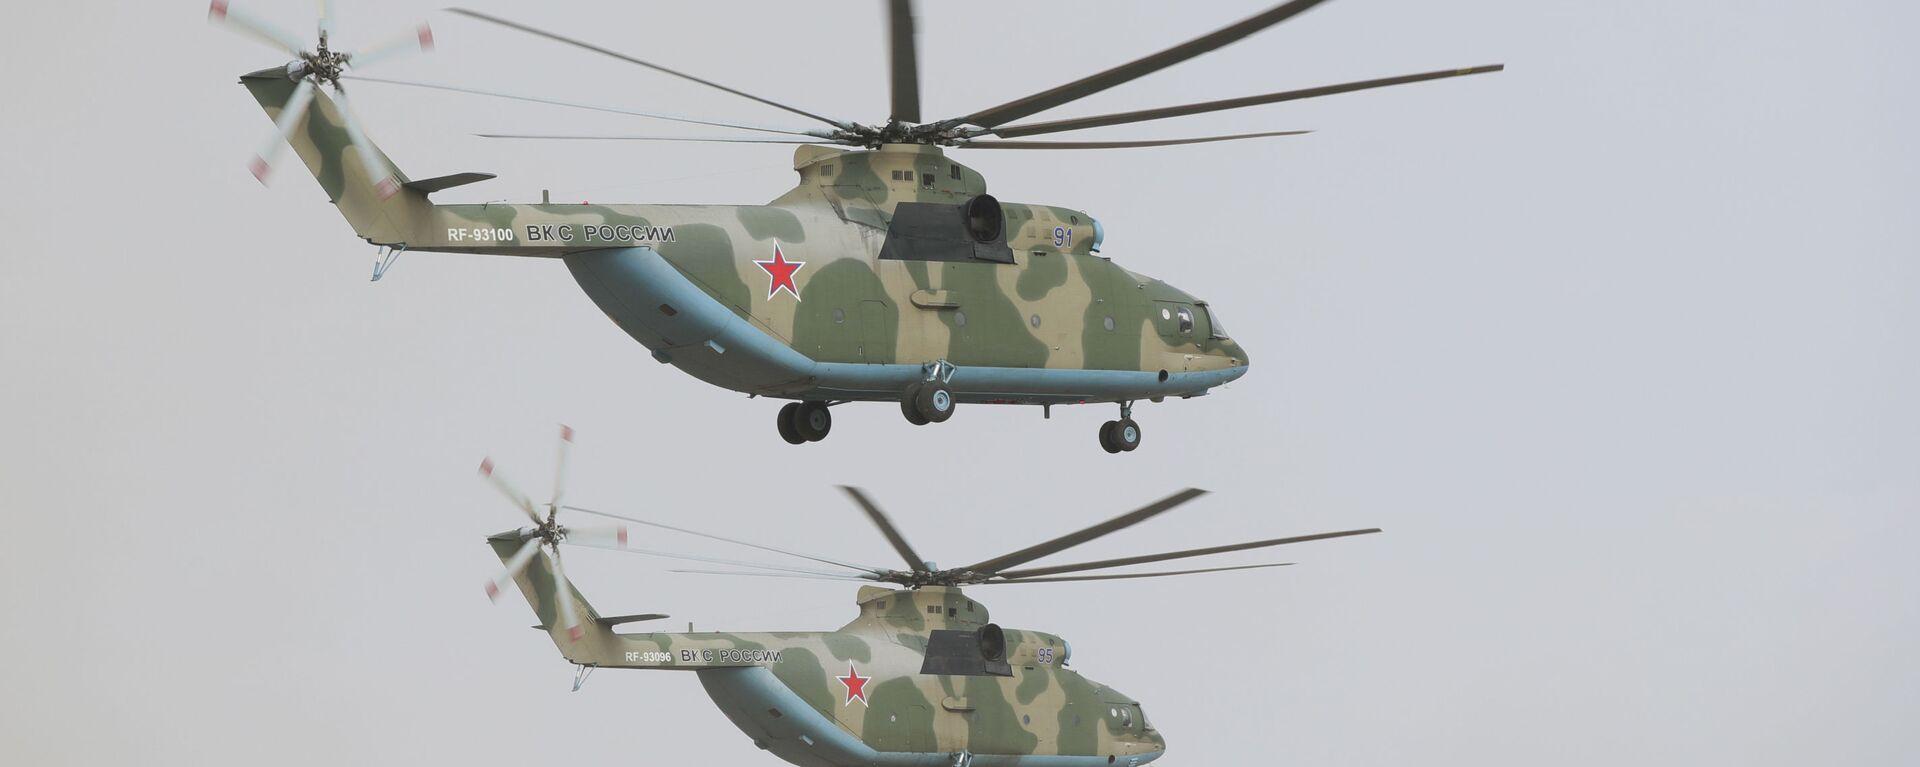 Vrtulníky Mi-26  - Sputnik Česká republika, 1920, 23.03.2021